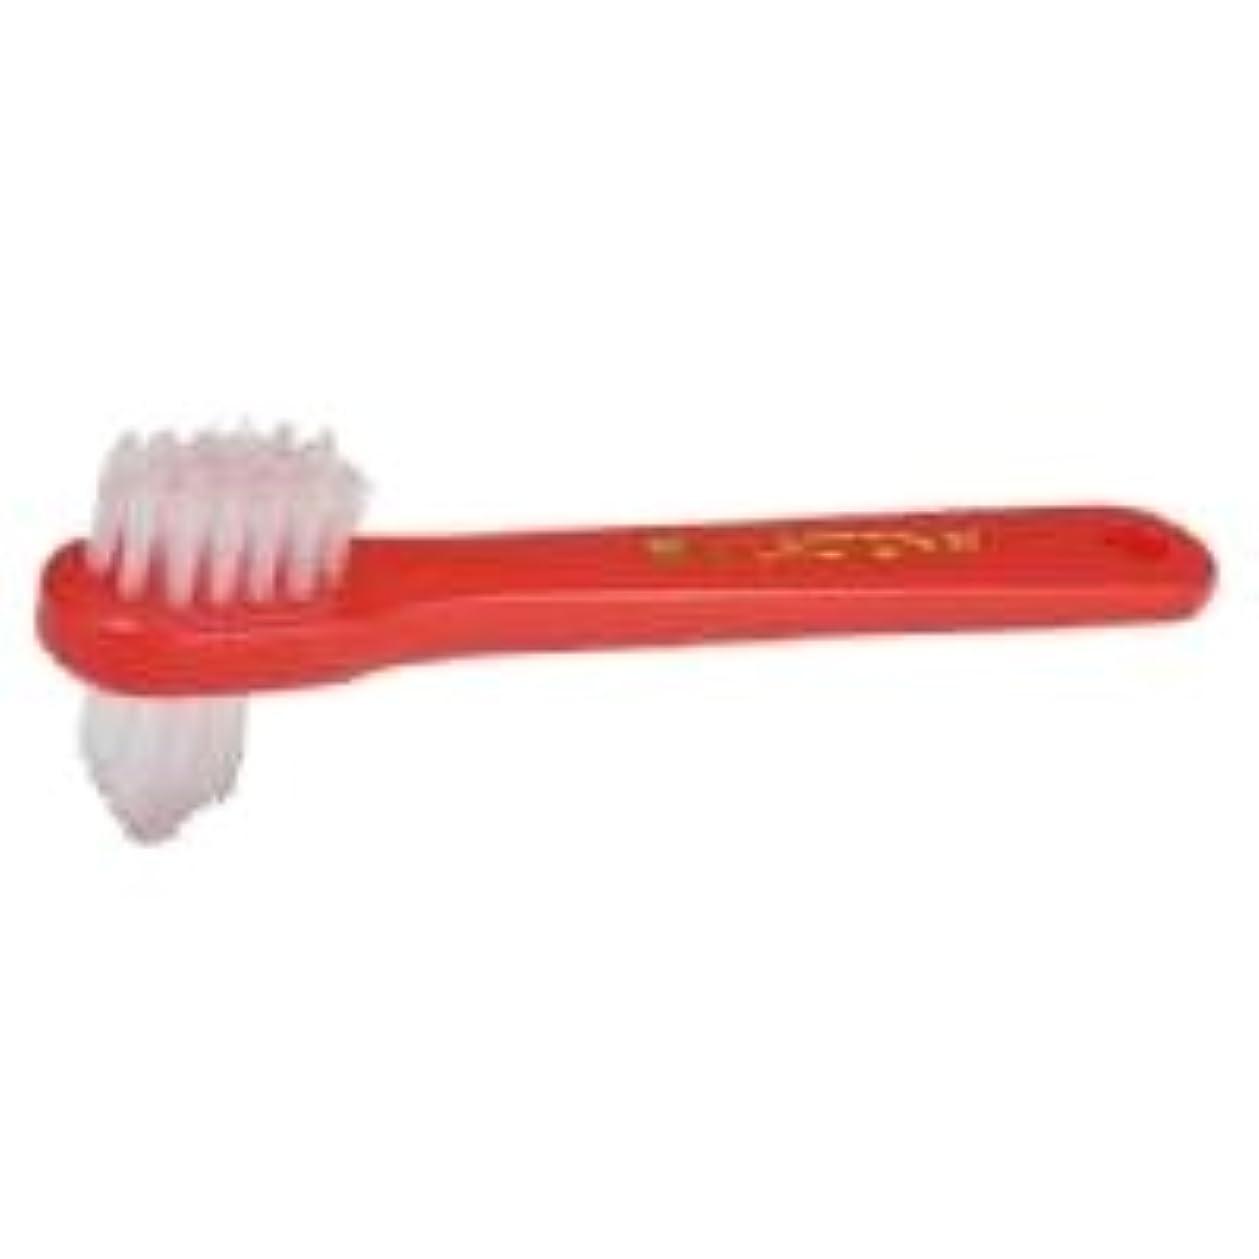 気難しいギャング目に見える【ラクトナ】【歯科用】ラクトナ歯ブラシ #500 M 1本【義歯用ブラシ】